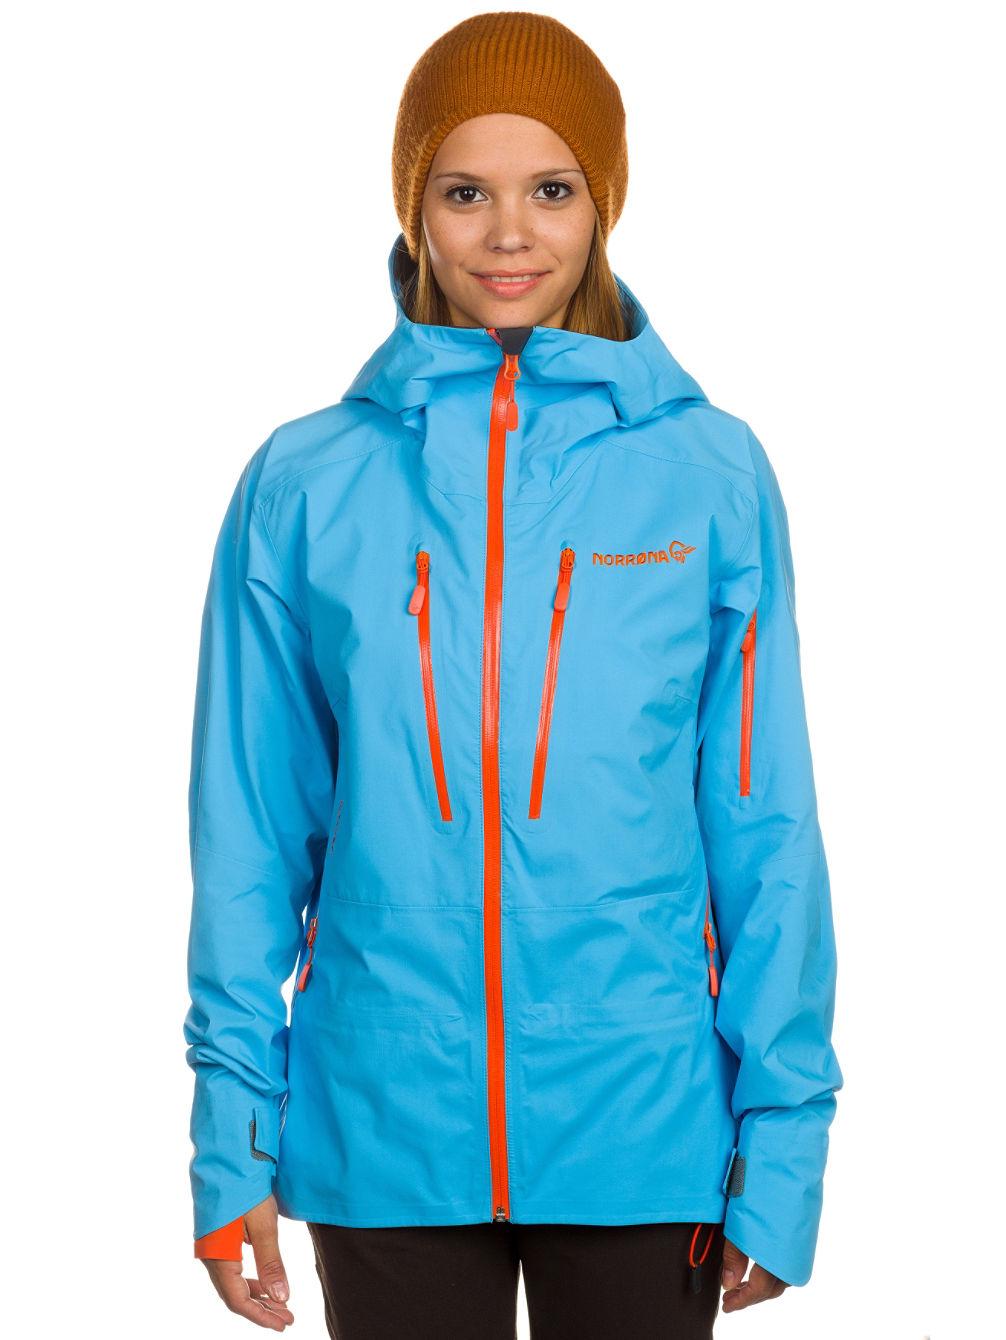 buy norrona lofoten gore tex pro jacket online at blue. Black Bedroom Furniture Sets. Home Design Ideas